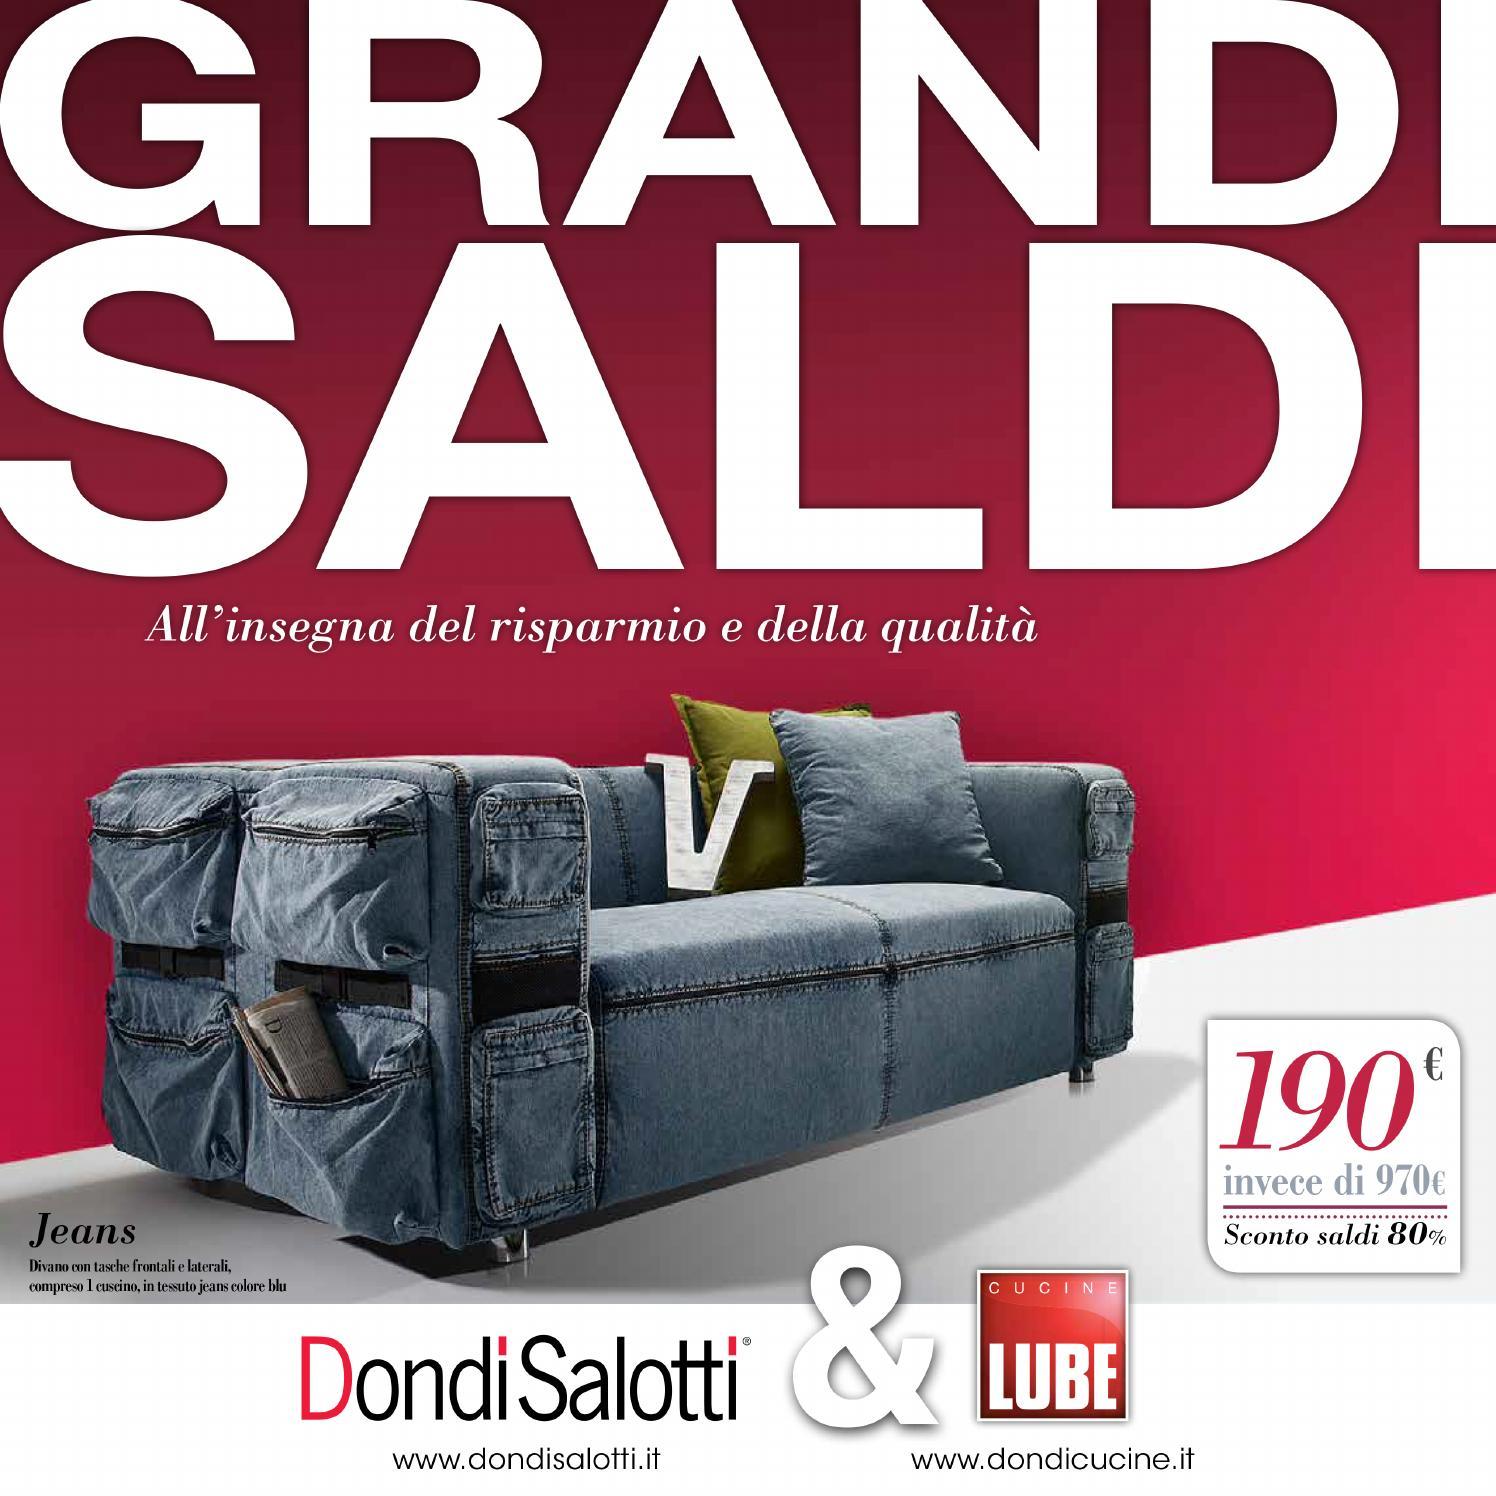 Emejing Dondi Salotti Rimini Images - Amazing House Design ...